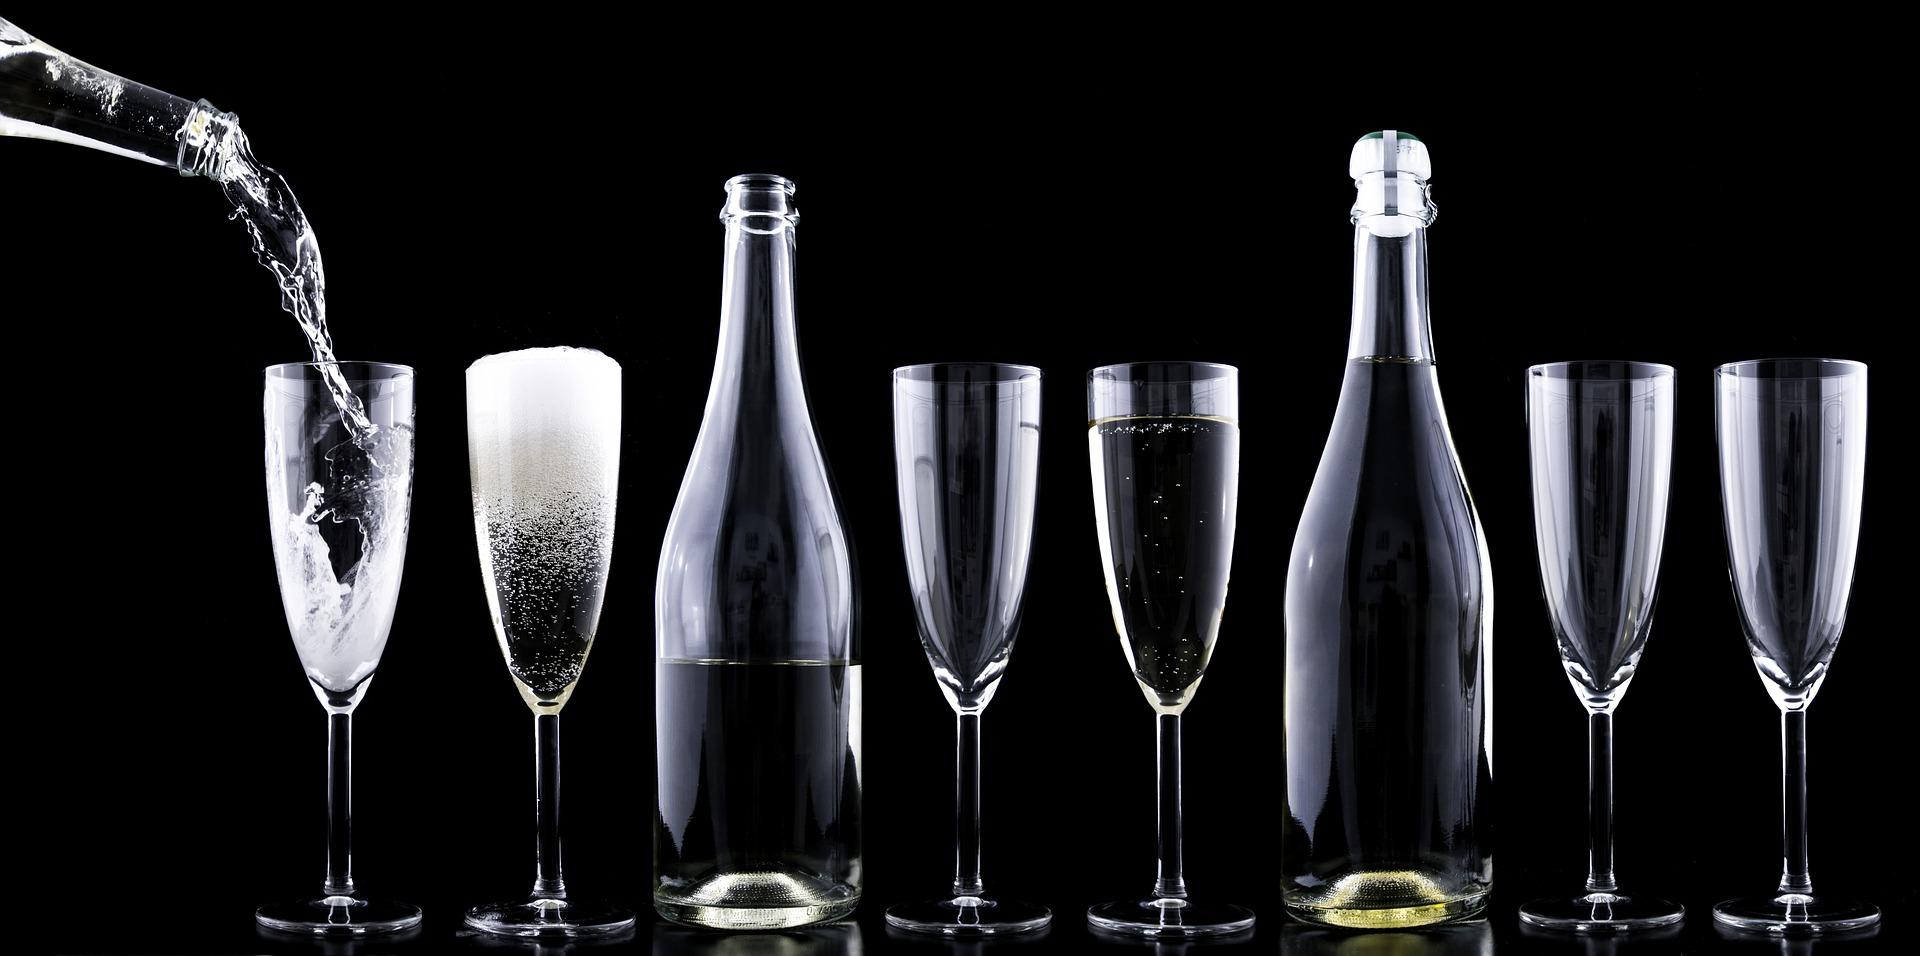 Tag et hurtigt lån til champagnen nytårsaften